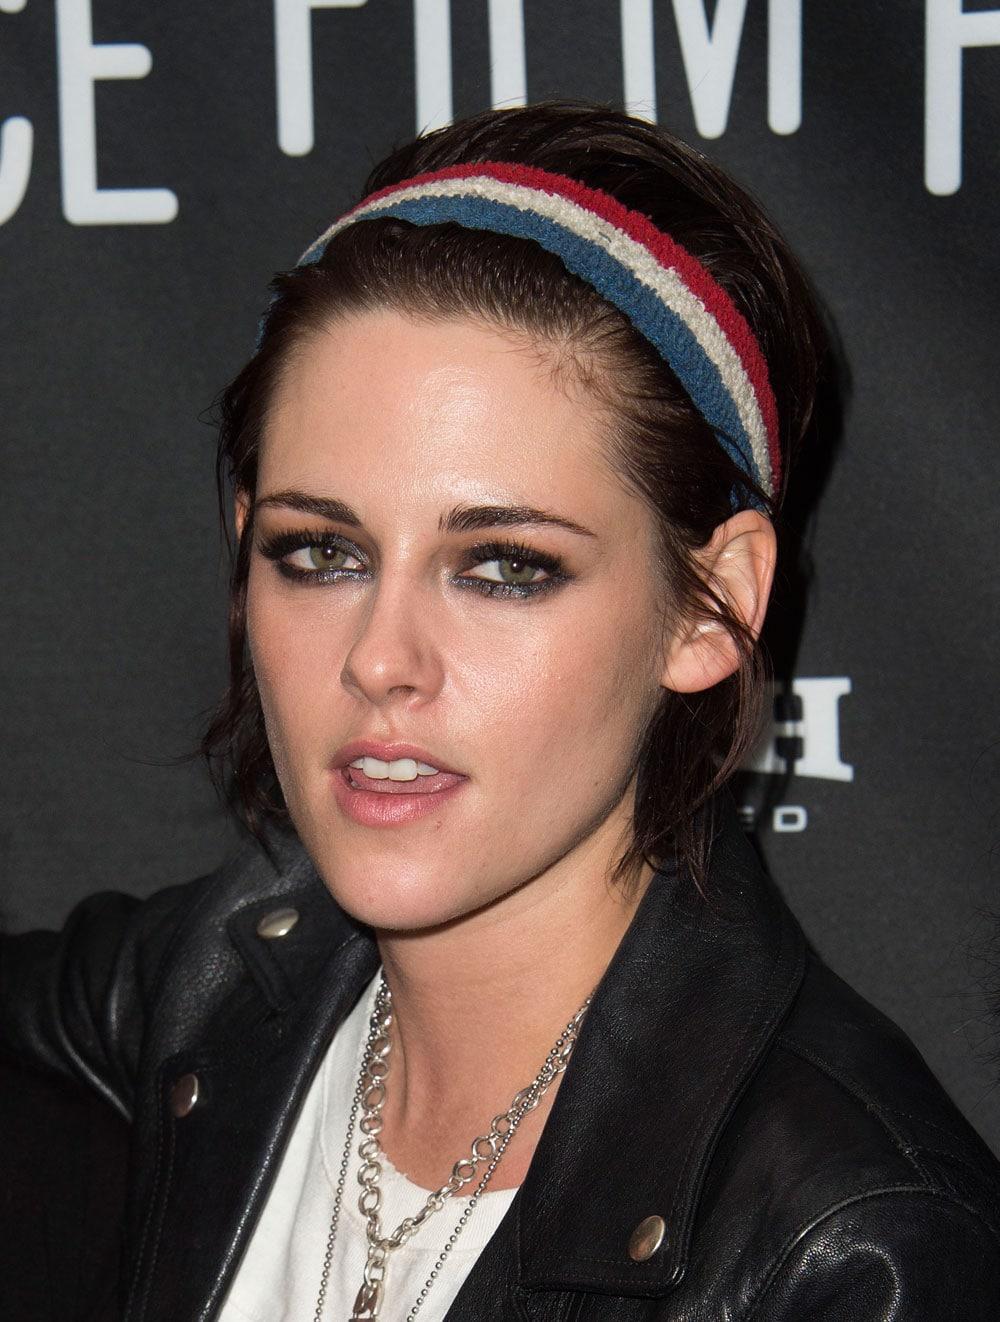 Kristen-Stewart-altezza